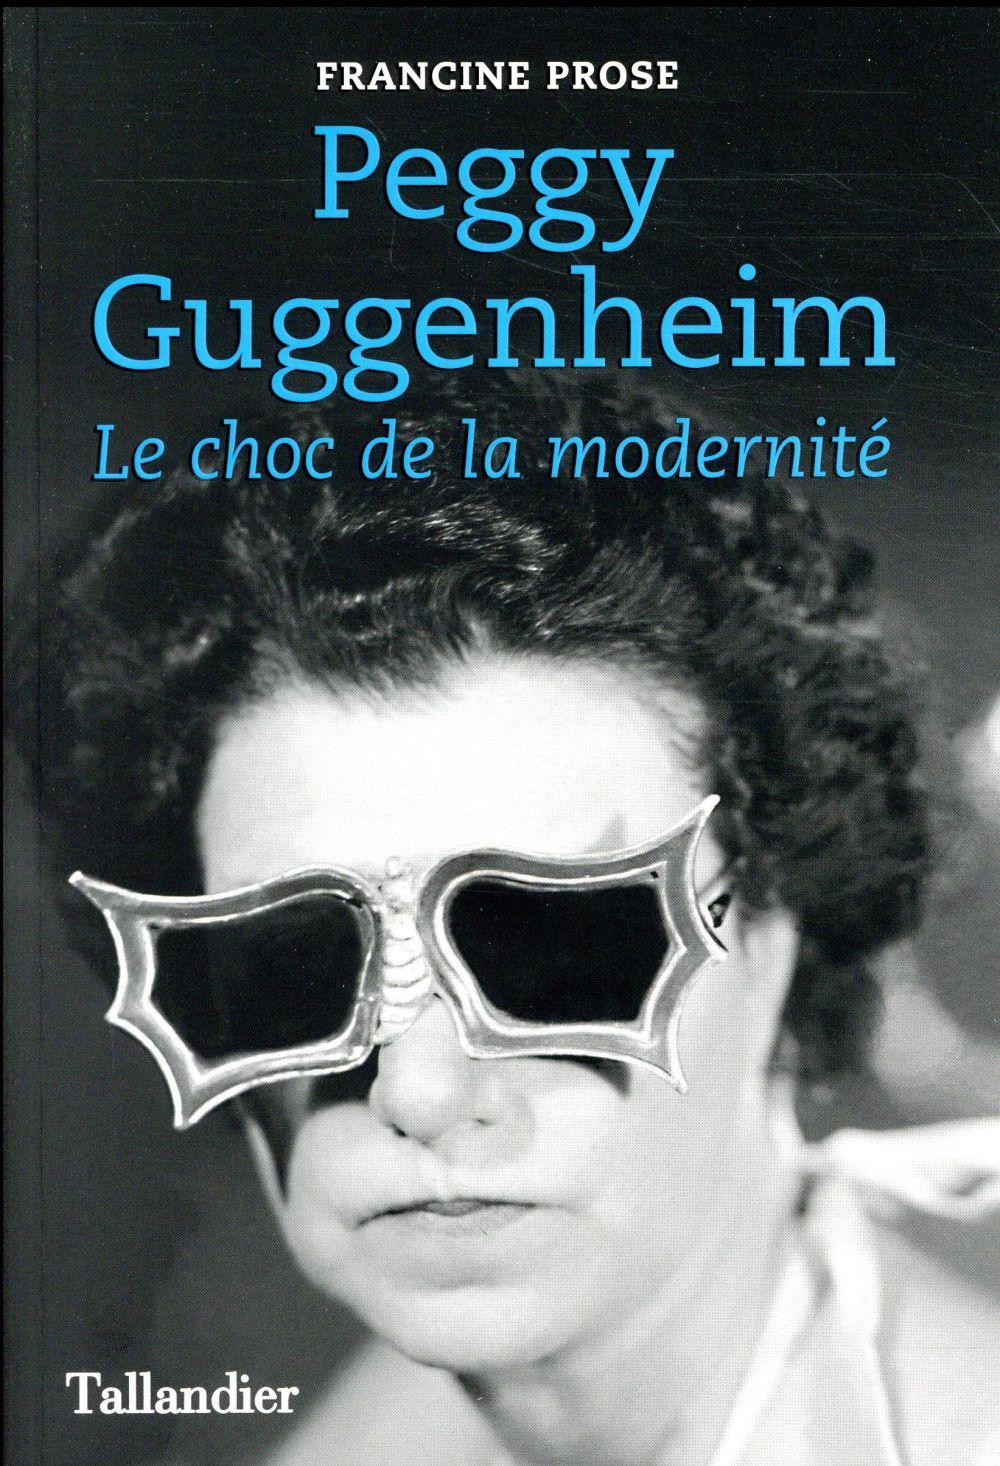 PEGGY GUGGENHEIM - LE CHOC DE PROSE FRANCINE TALLANDIER